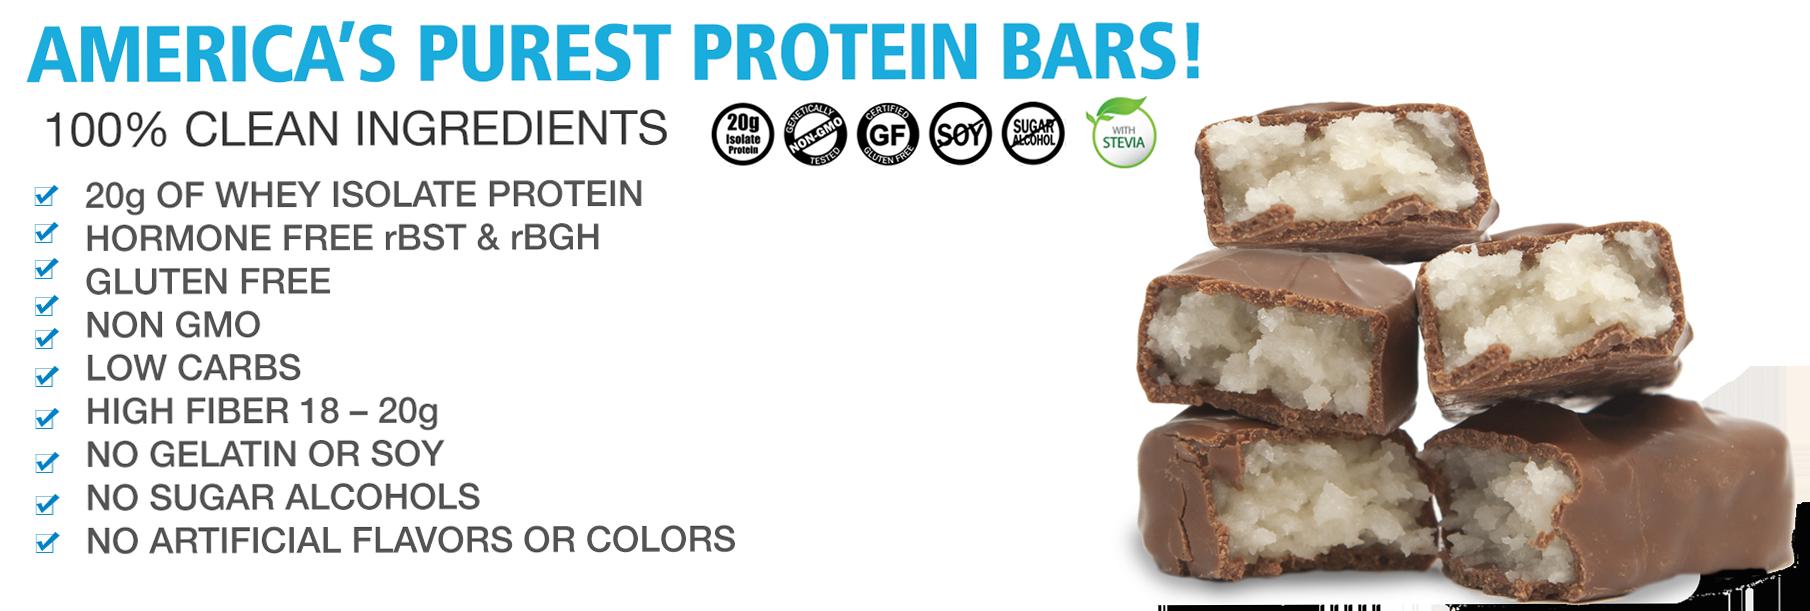 ANSI Cheesecake Coconut Chocolate naturalny baton proteinowy